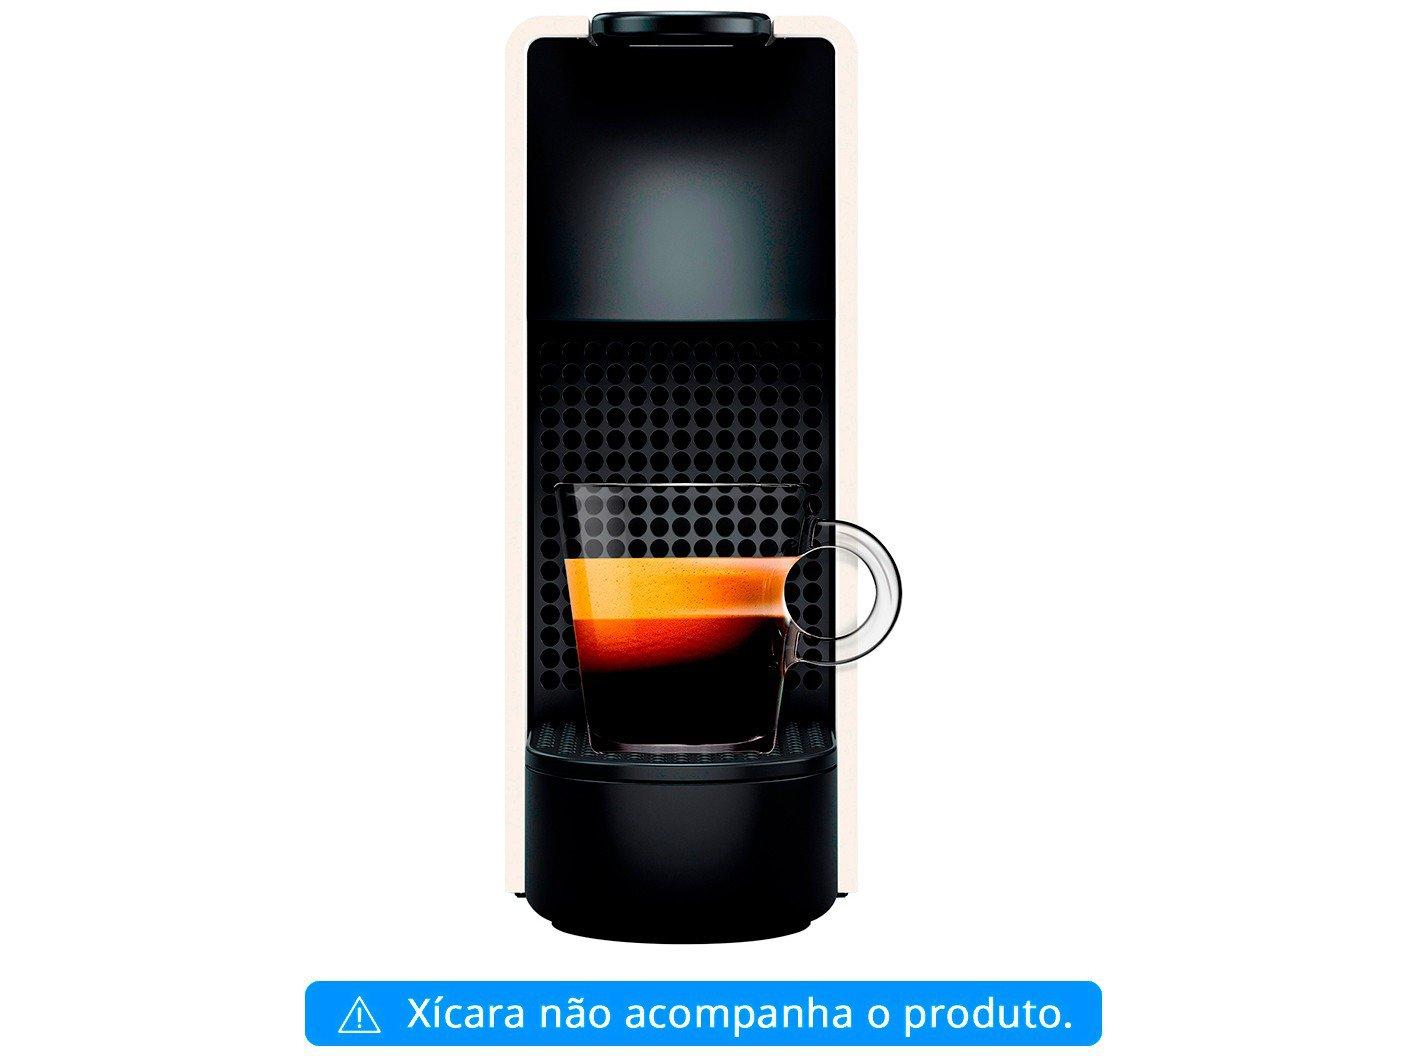 Cafeteira Expresso 19 Bar Nespresso Essenza Mini - Branca - 110 V - 2